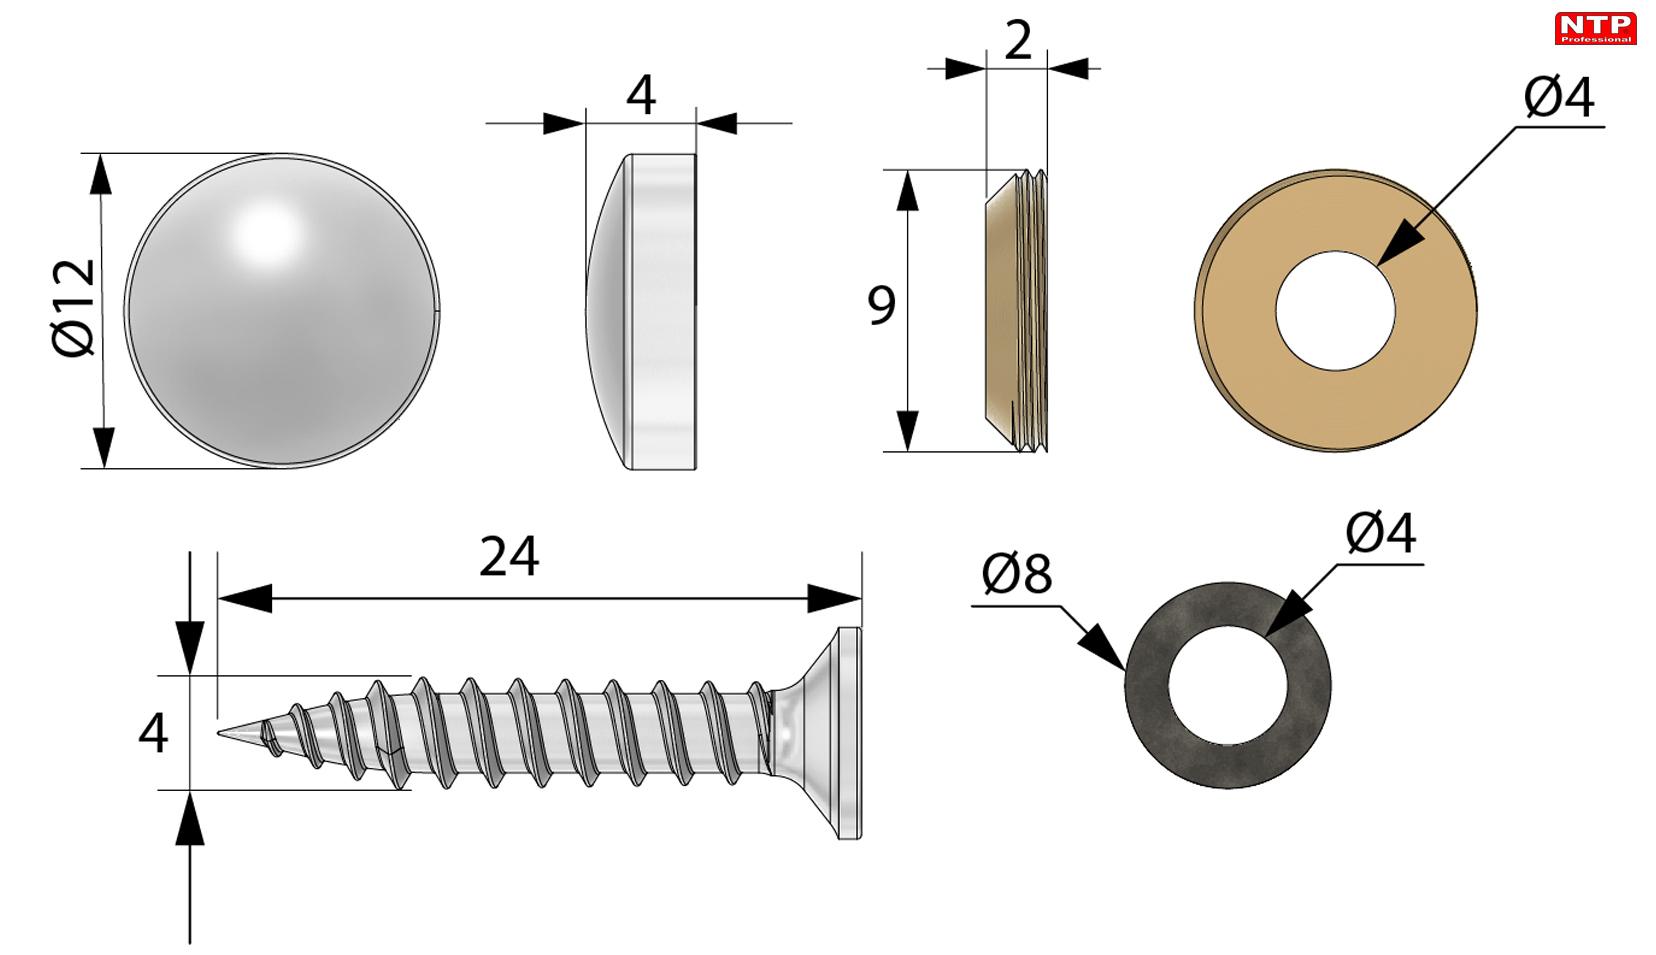 nakrętka m6 rysunek techniczny